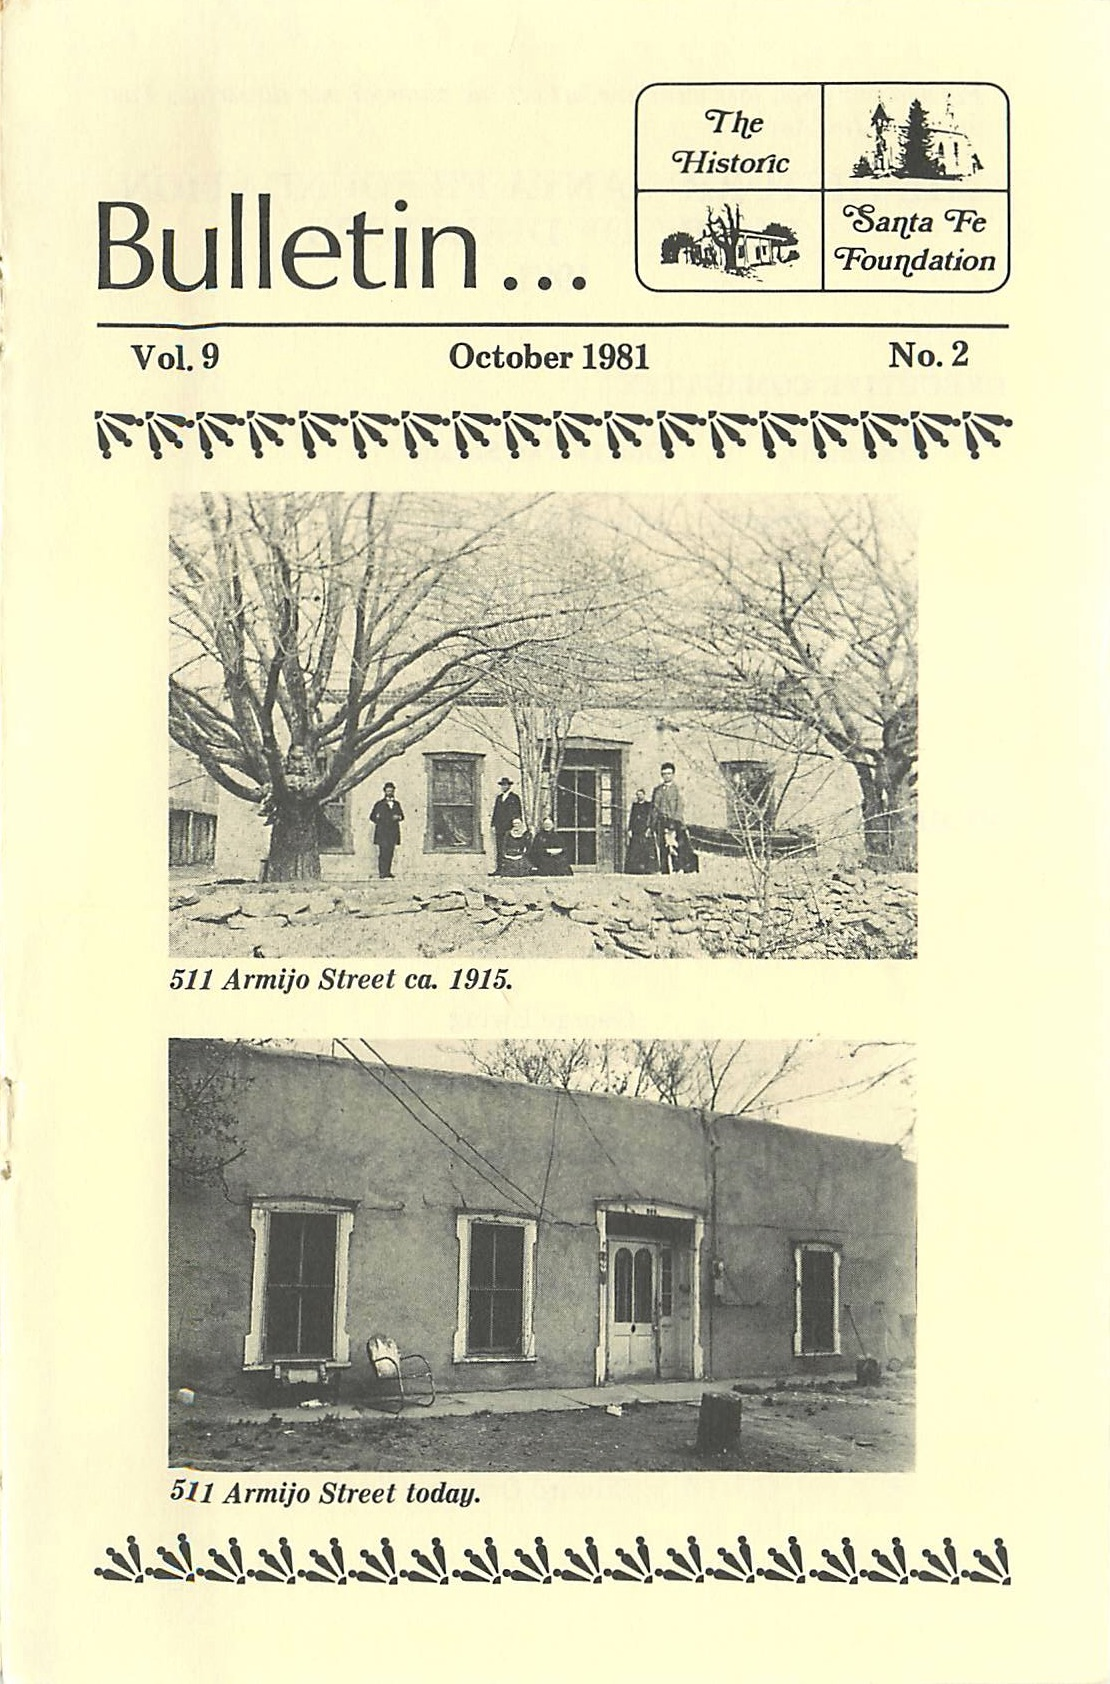 1981 HSFF Bulletin Vol.9 No.2 Cover